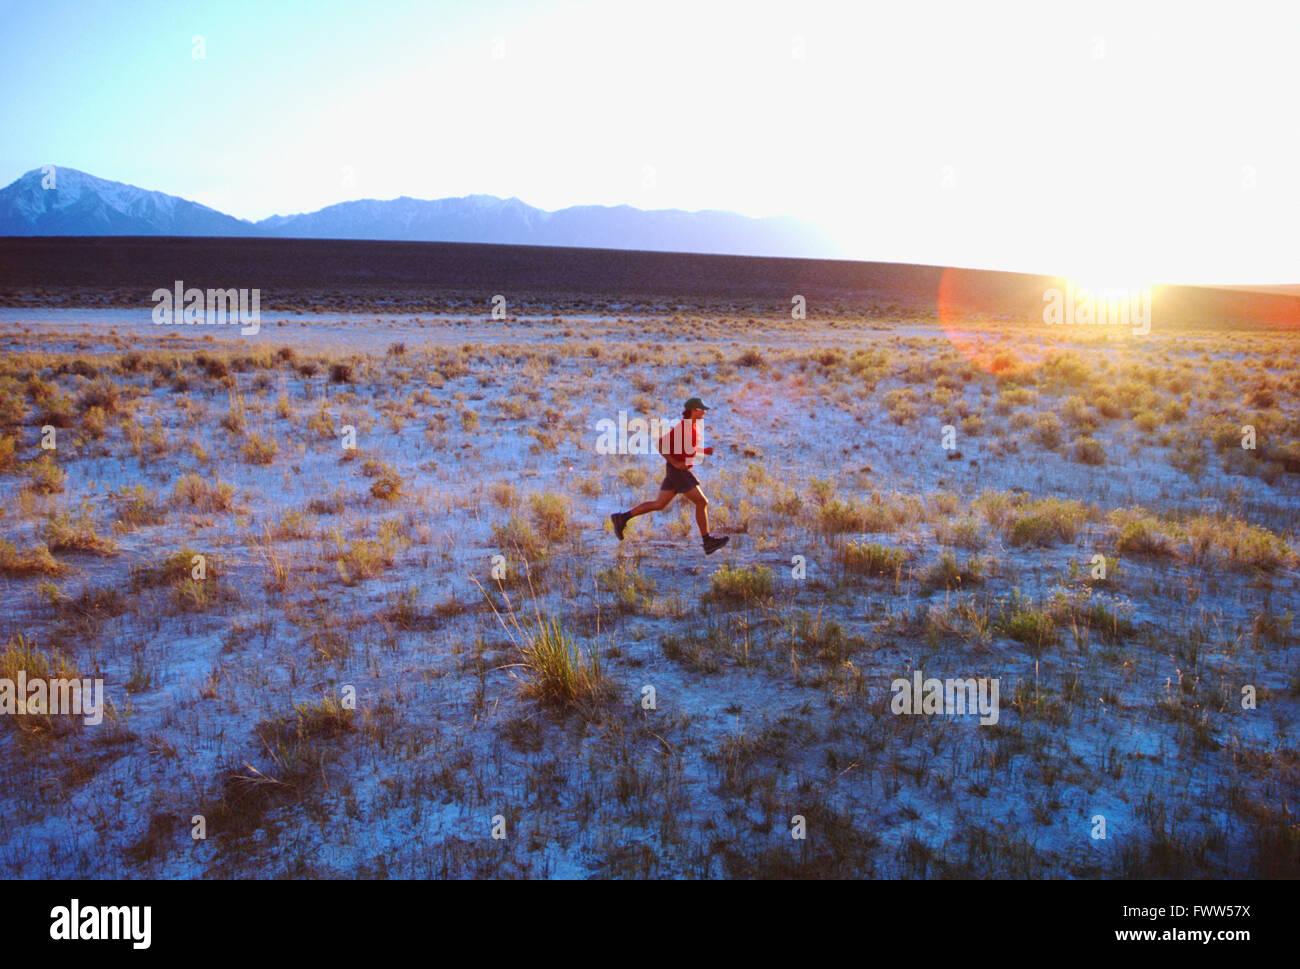 Montare il giovane atleta maschio trail runner in Sierra Nevada foothills al tramonto Immagini Stock